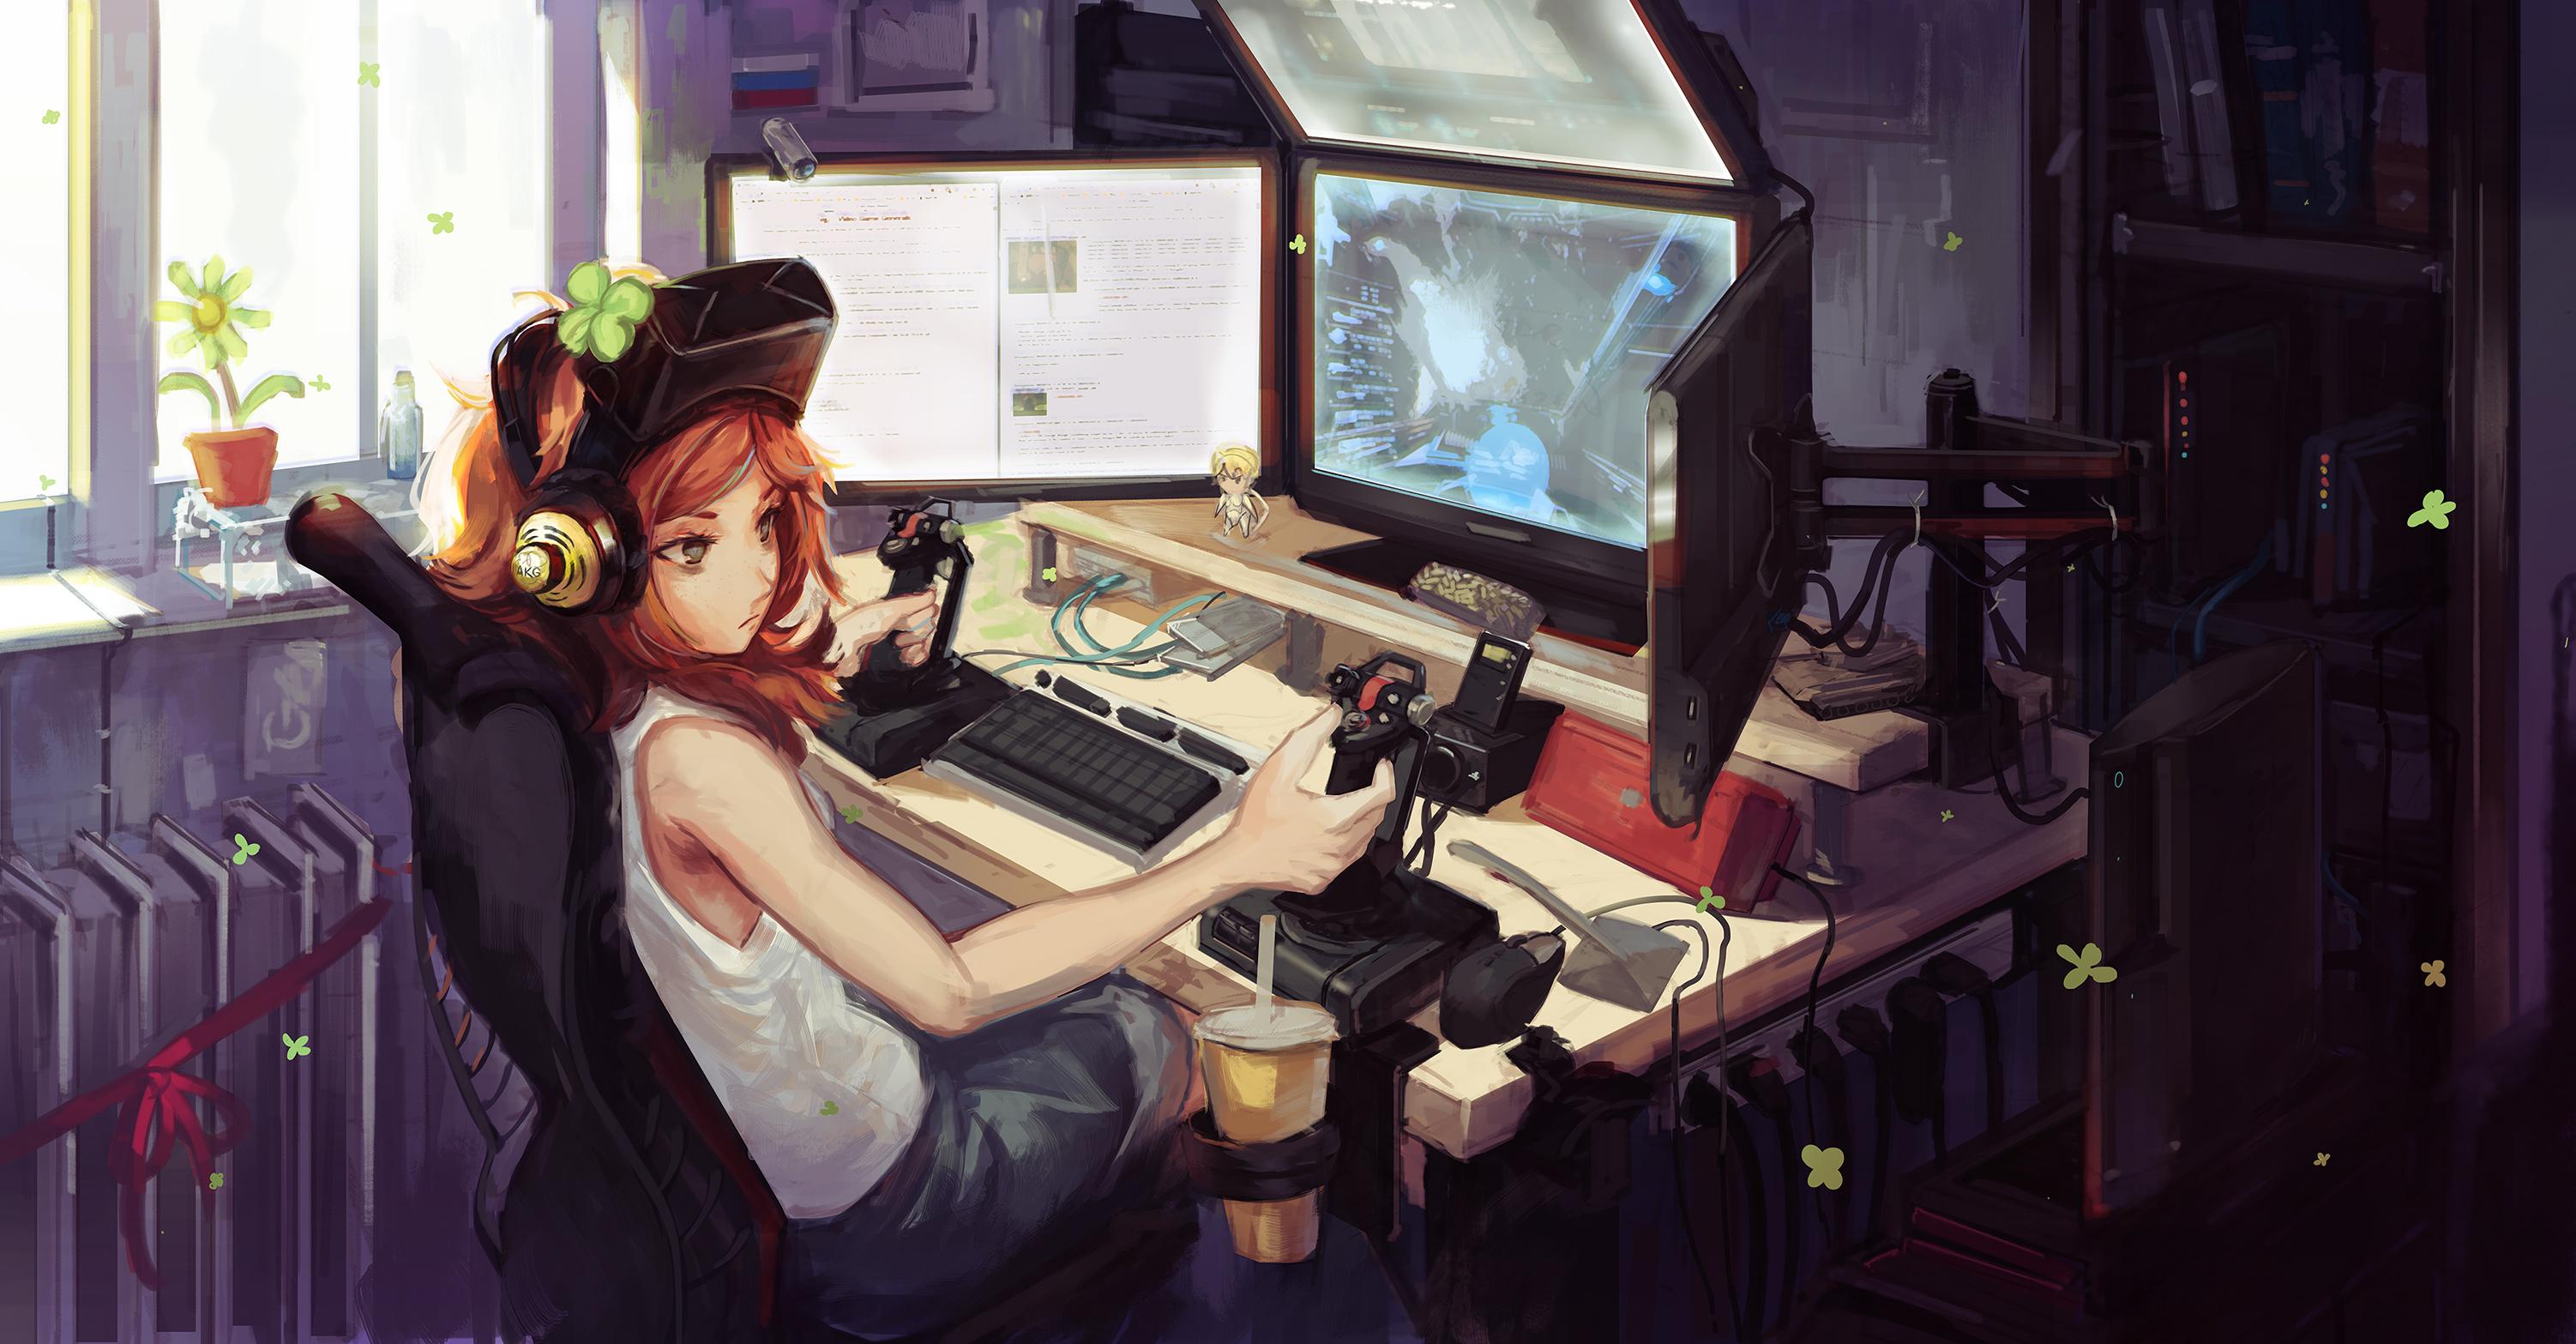 Hd wallpaper gamer - Anime Gamer Wallpaper Wallpapersafari